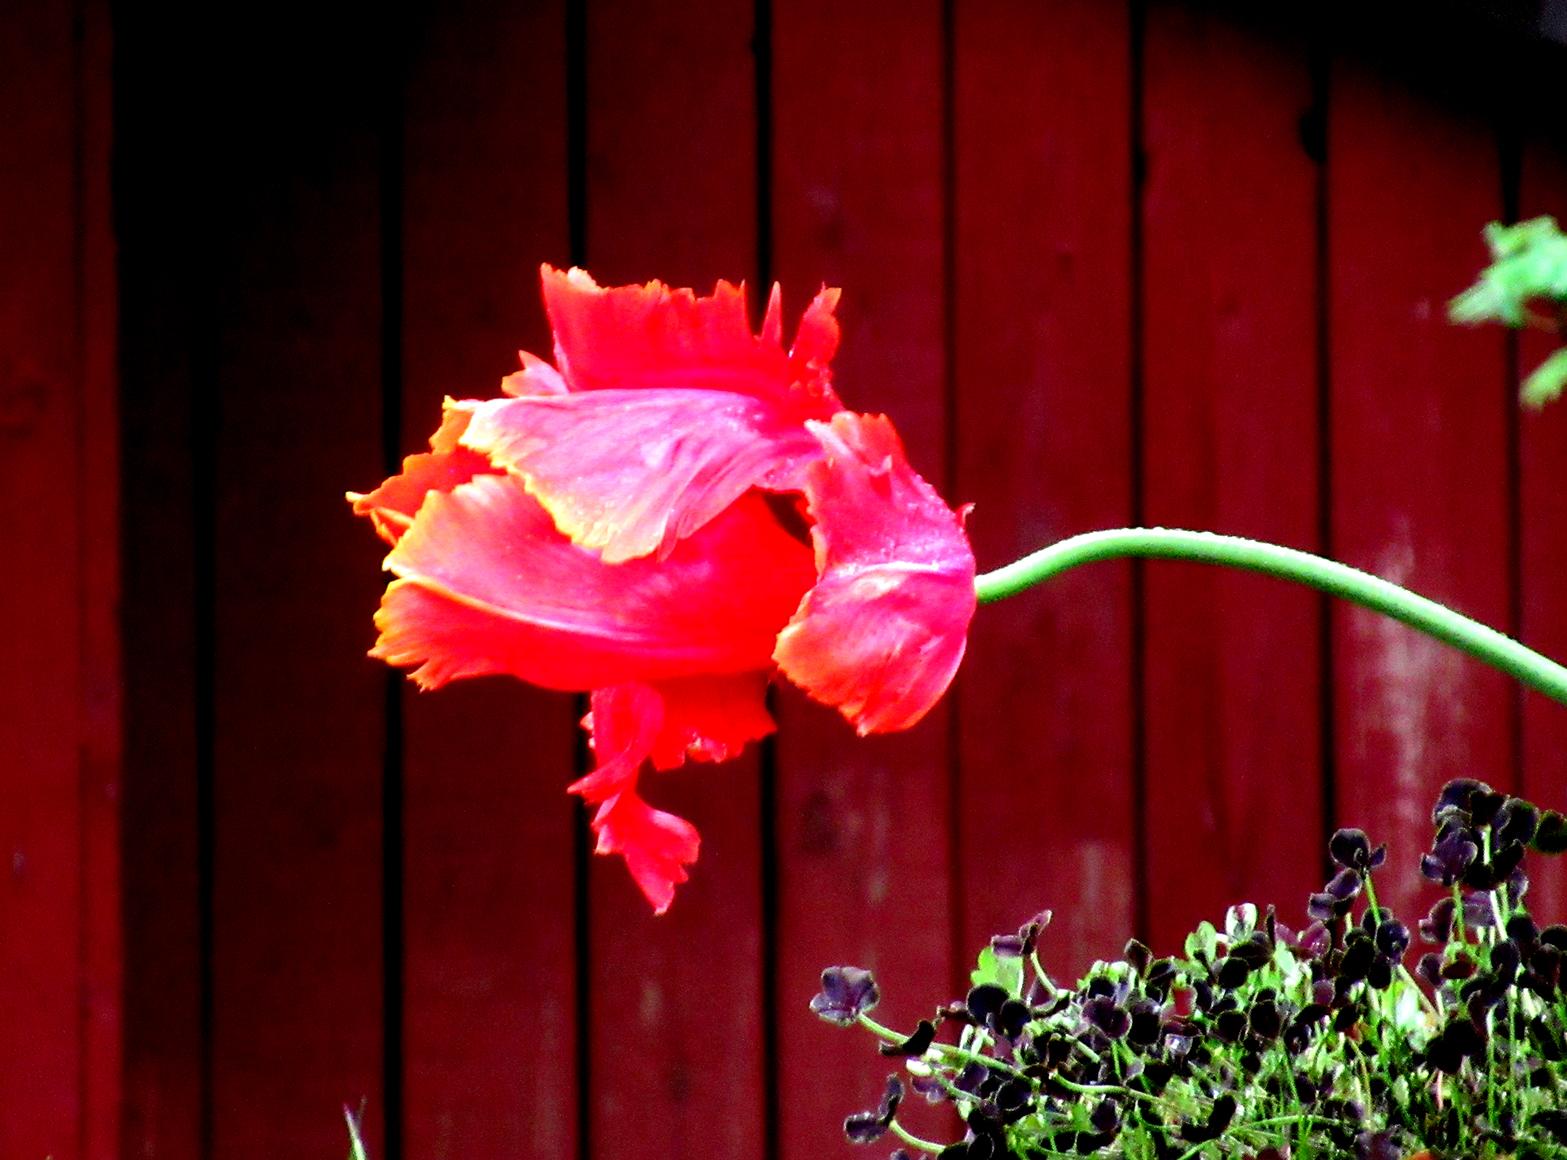 blomst_2_tommetanker